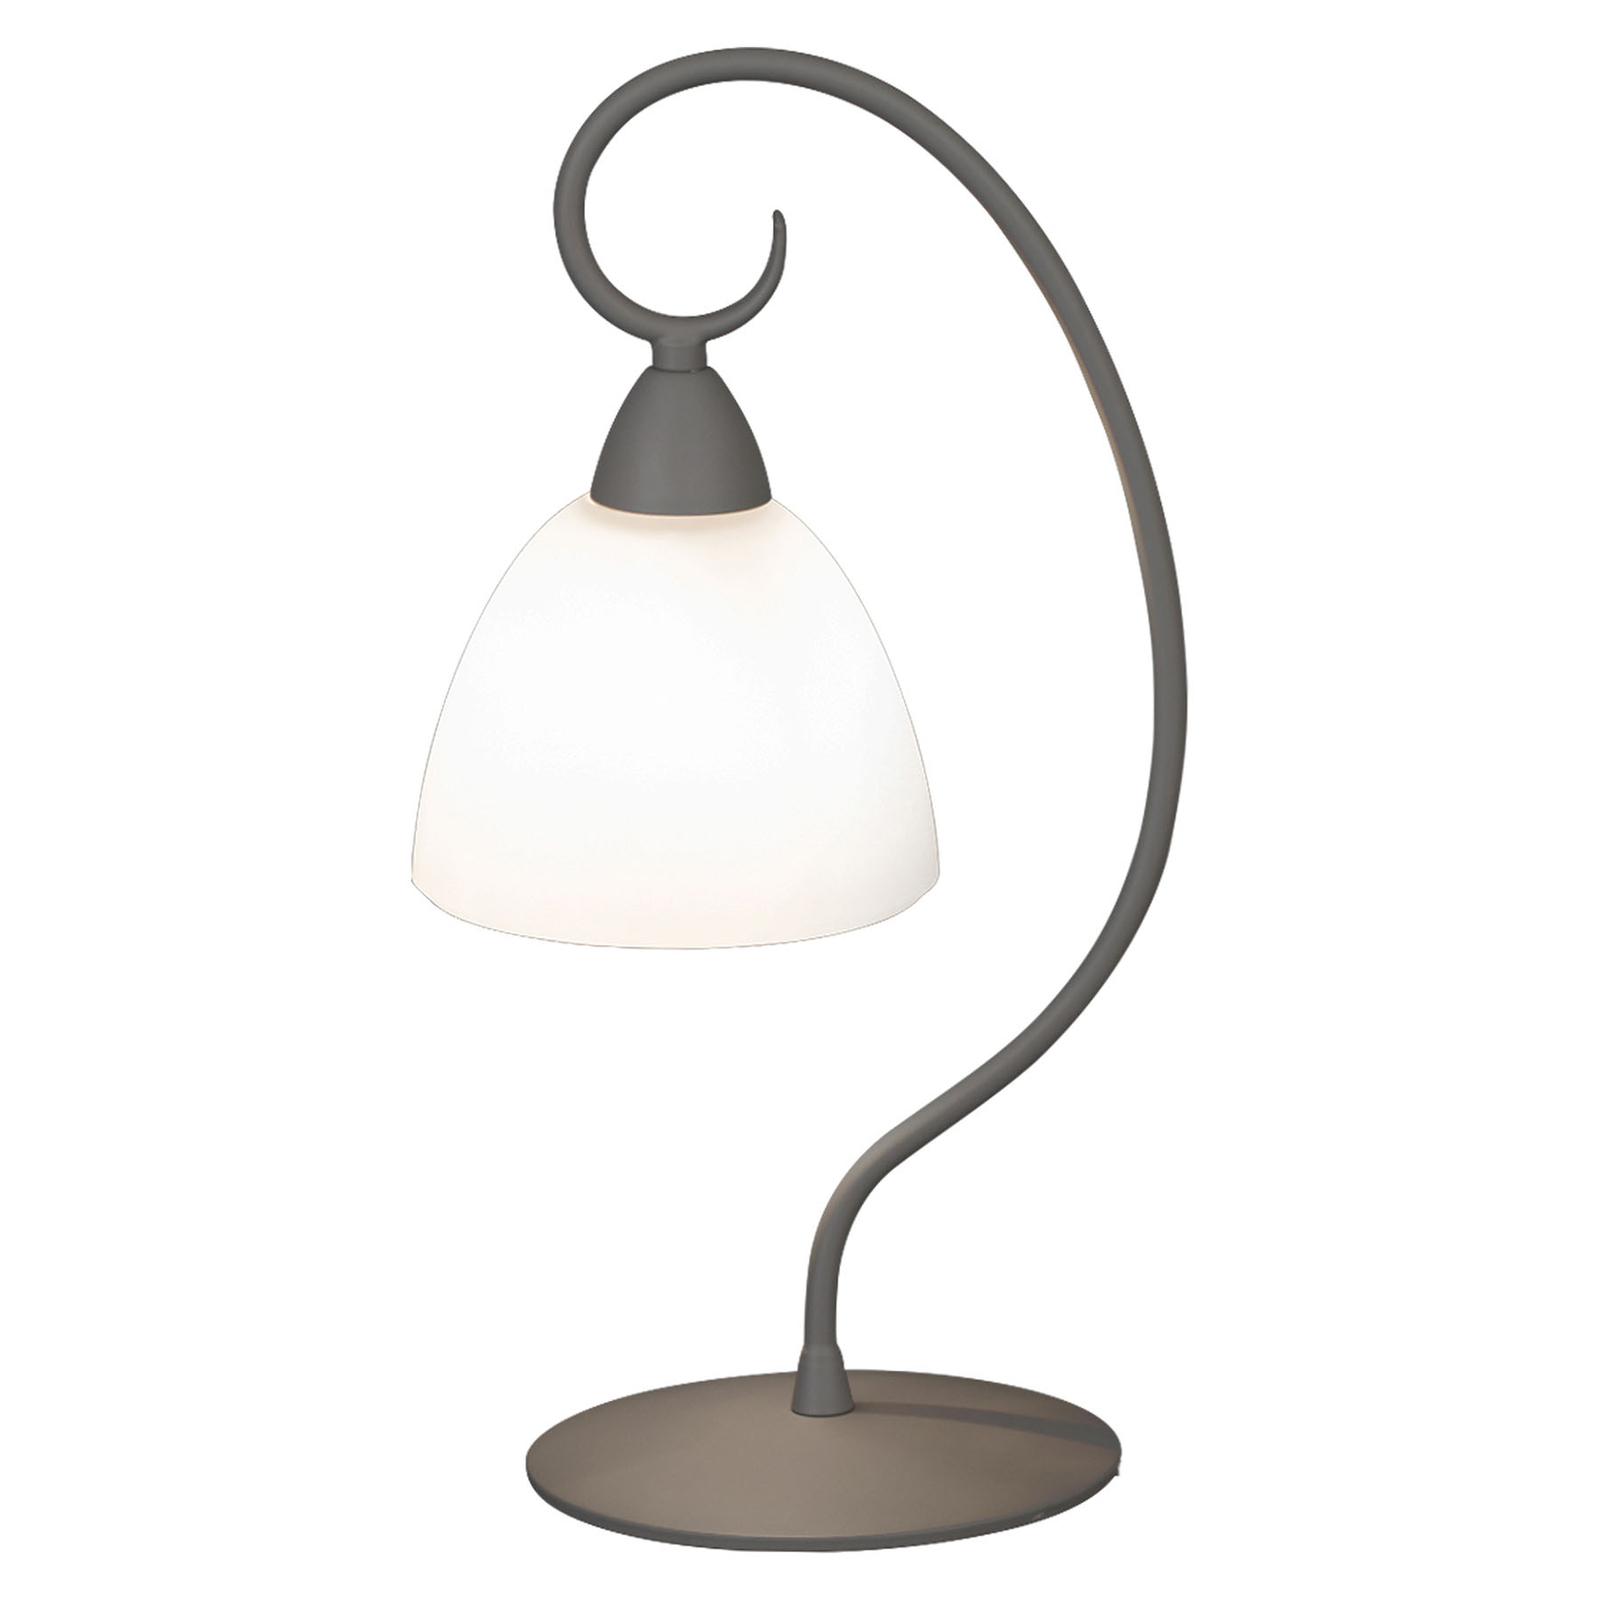 Tafellamp 1790/1L wit gesatineerd, grijs